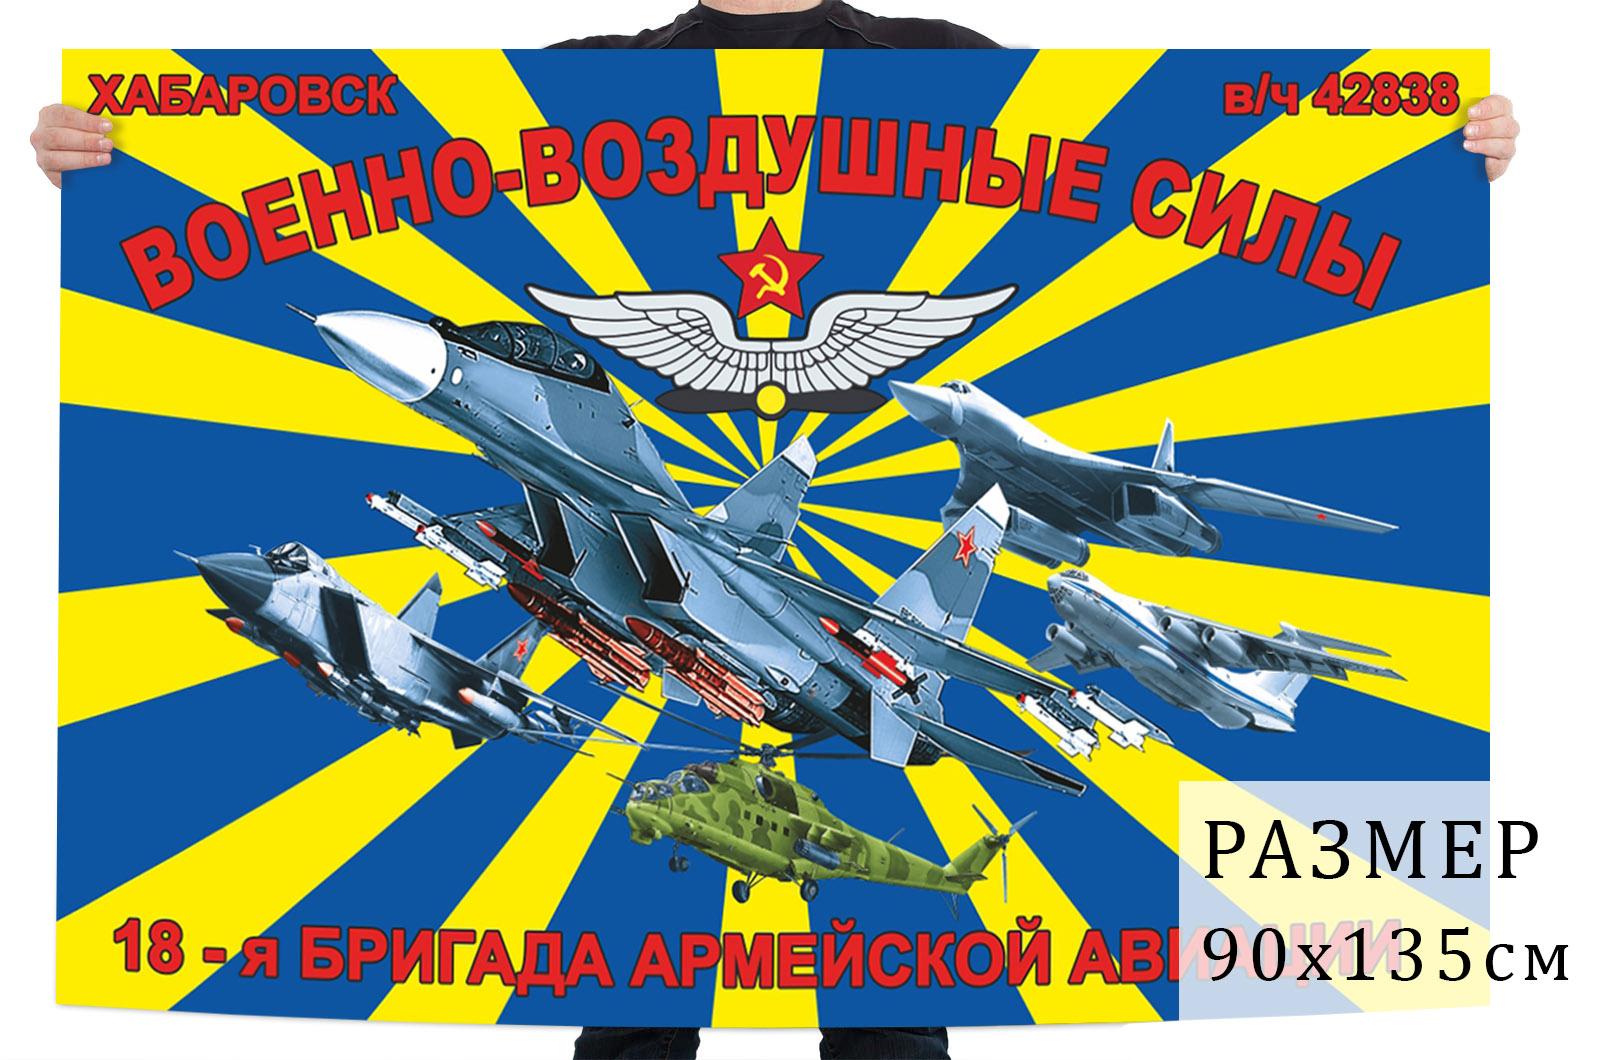 Недорогие флаги ВВС 18-ой бригады армейской авиации